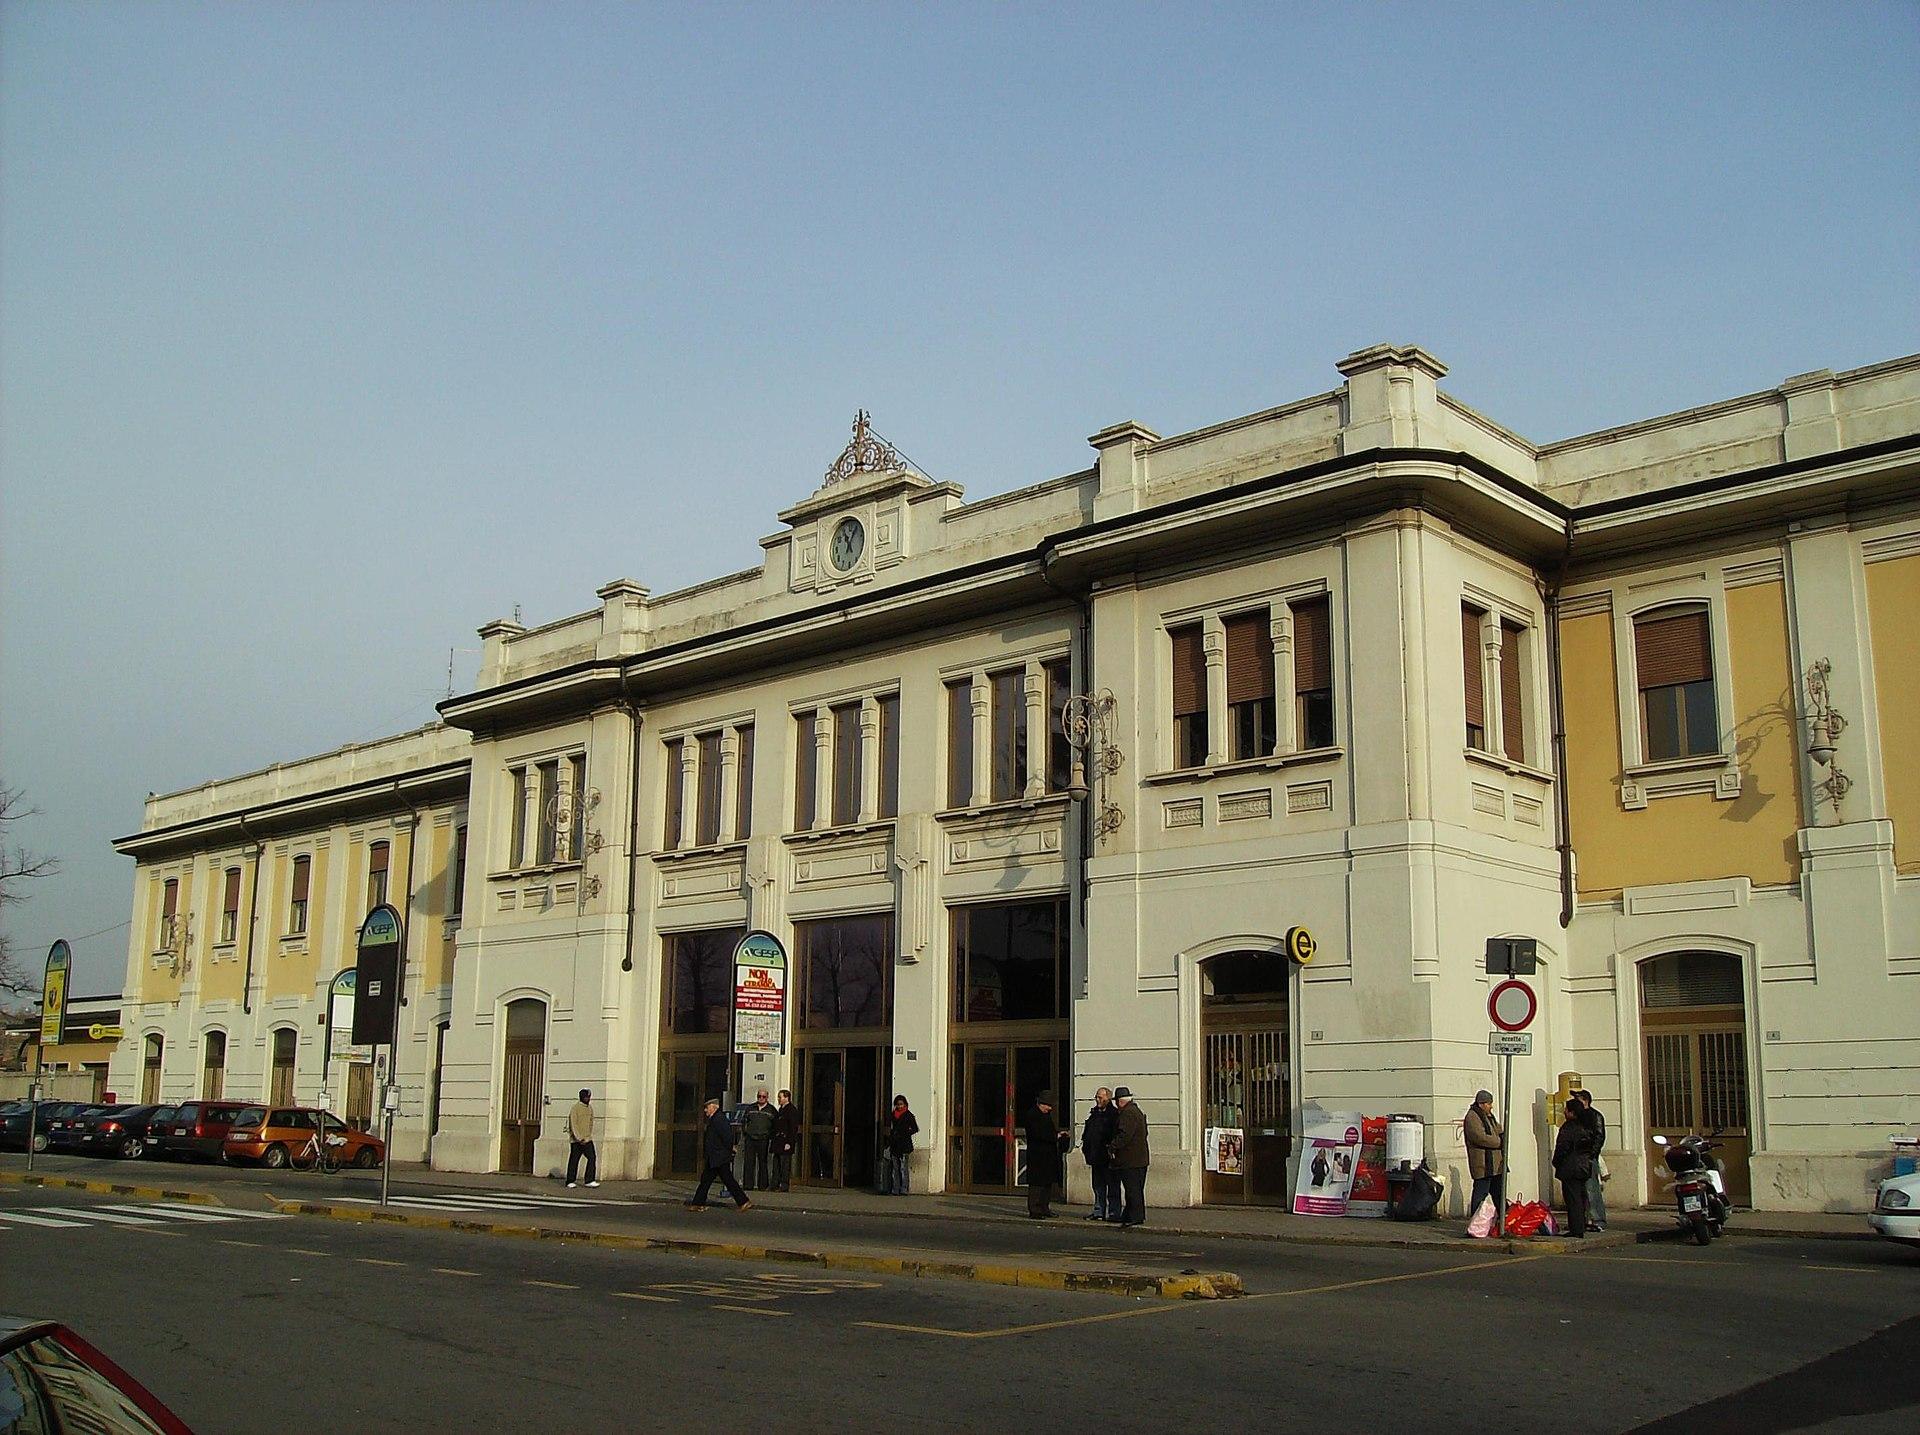 Stazione di busto arsizio wikipedia - Stazione porta vittoria milano ...